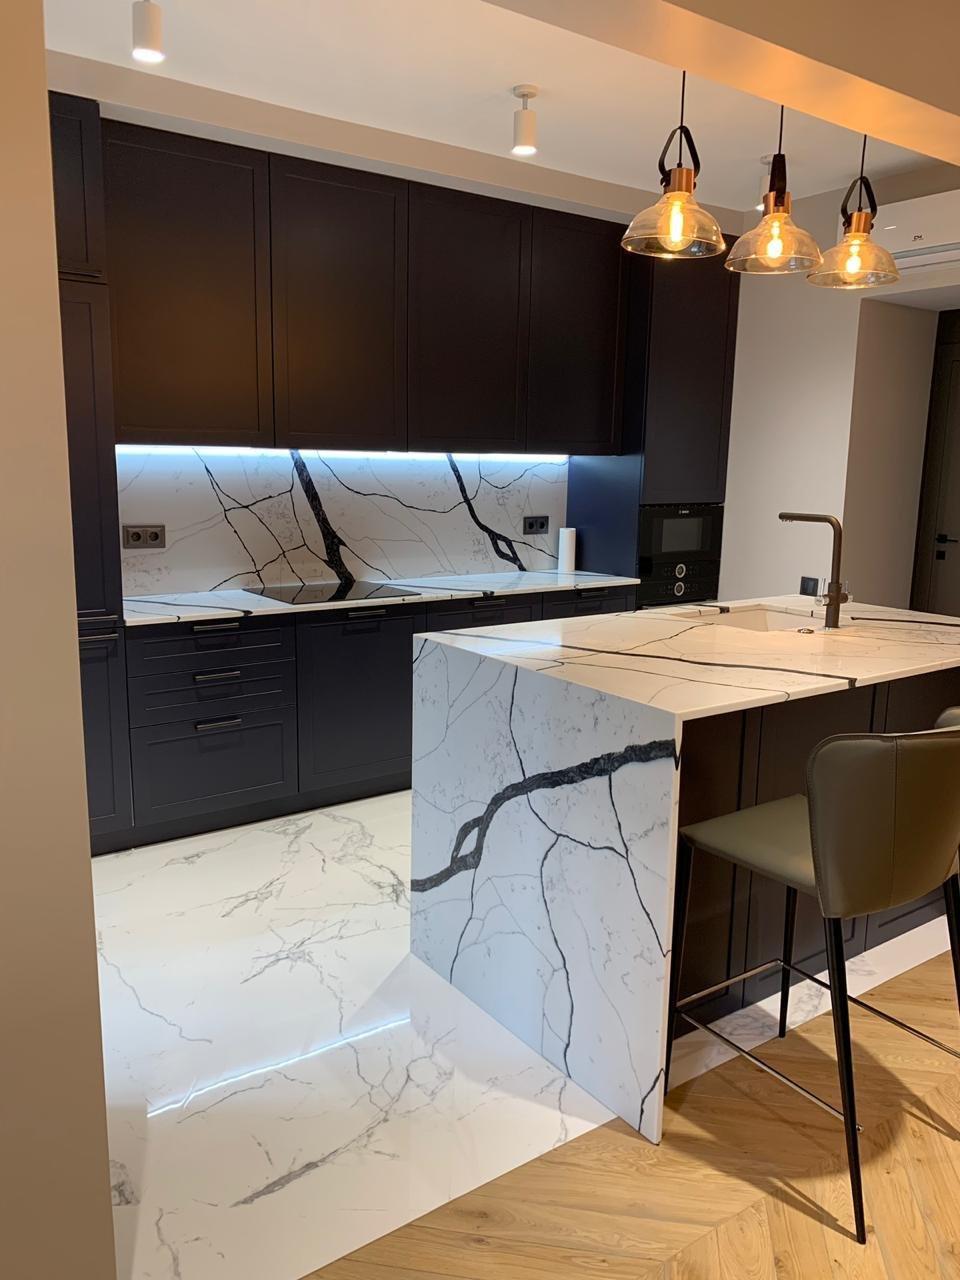 Компанія «Decorstone»: Широкий вибір якісних виробів з акрилового та кварцового каменю для дому за приємною ціною, фото-7